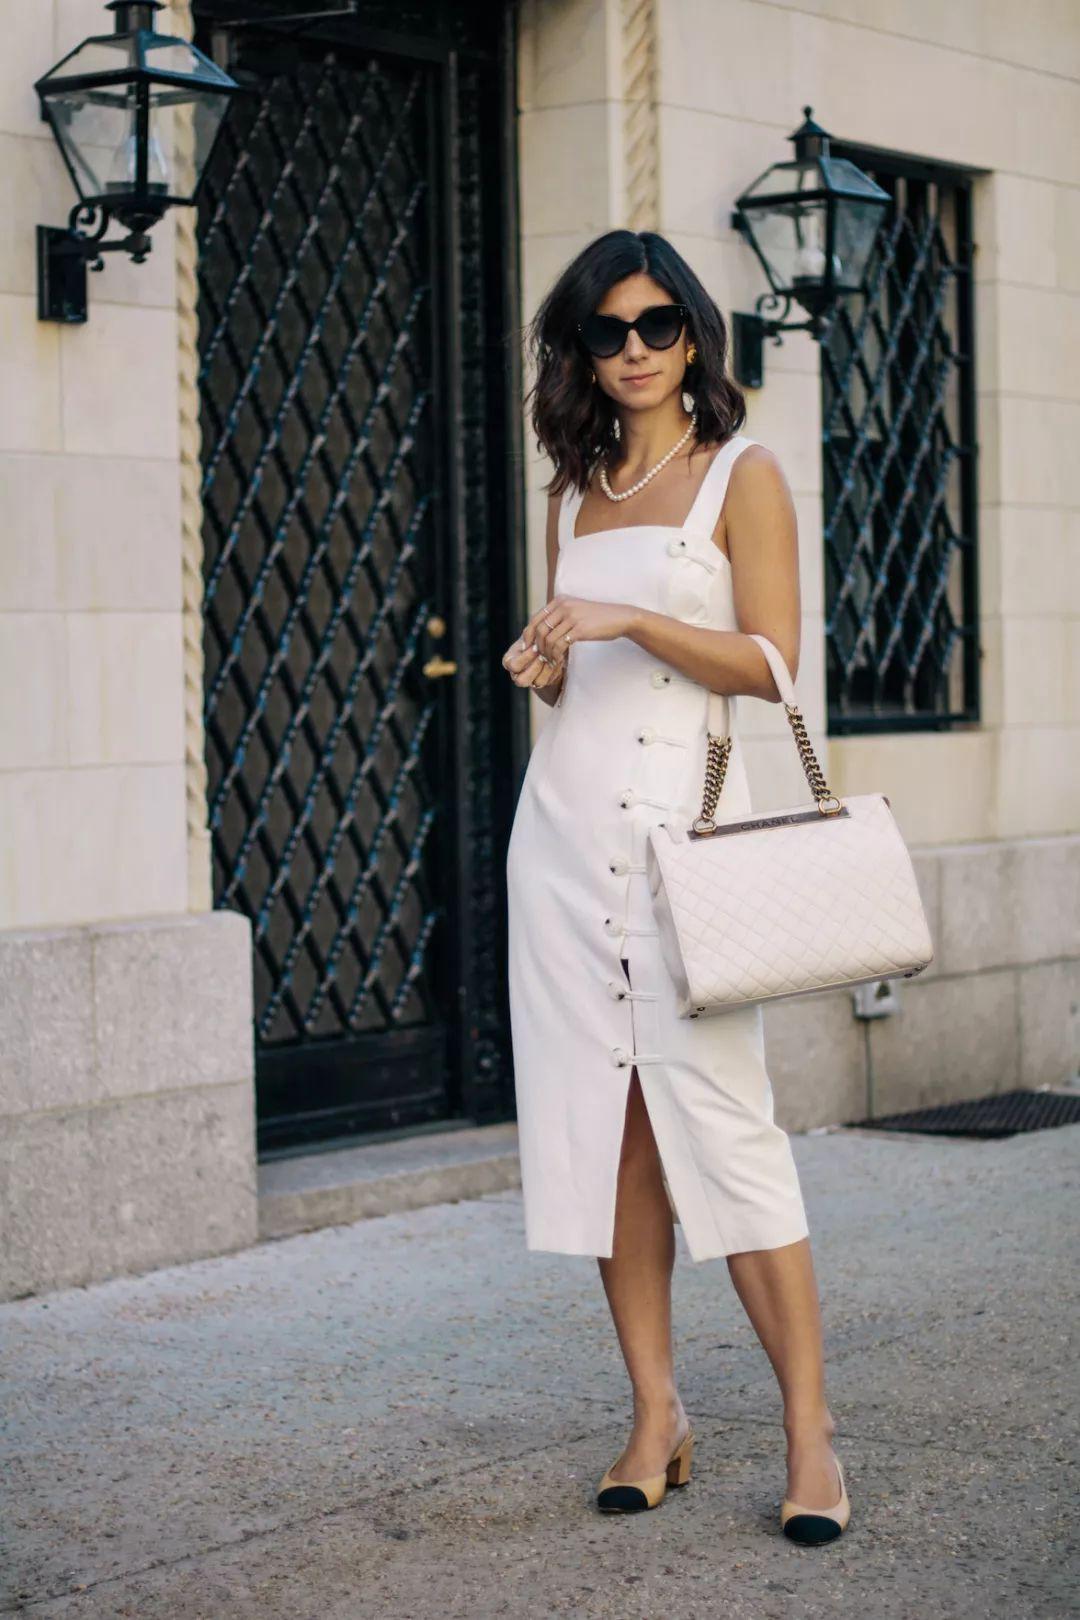 Sau cơn sốt váy trắng Zara, loạt váy liền cài khuy trước với đủ kiểu dáng đang đốn tim các nàng - Ảnh 9.